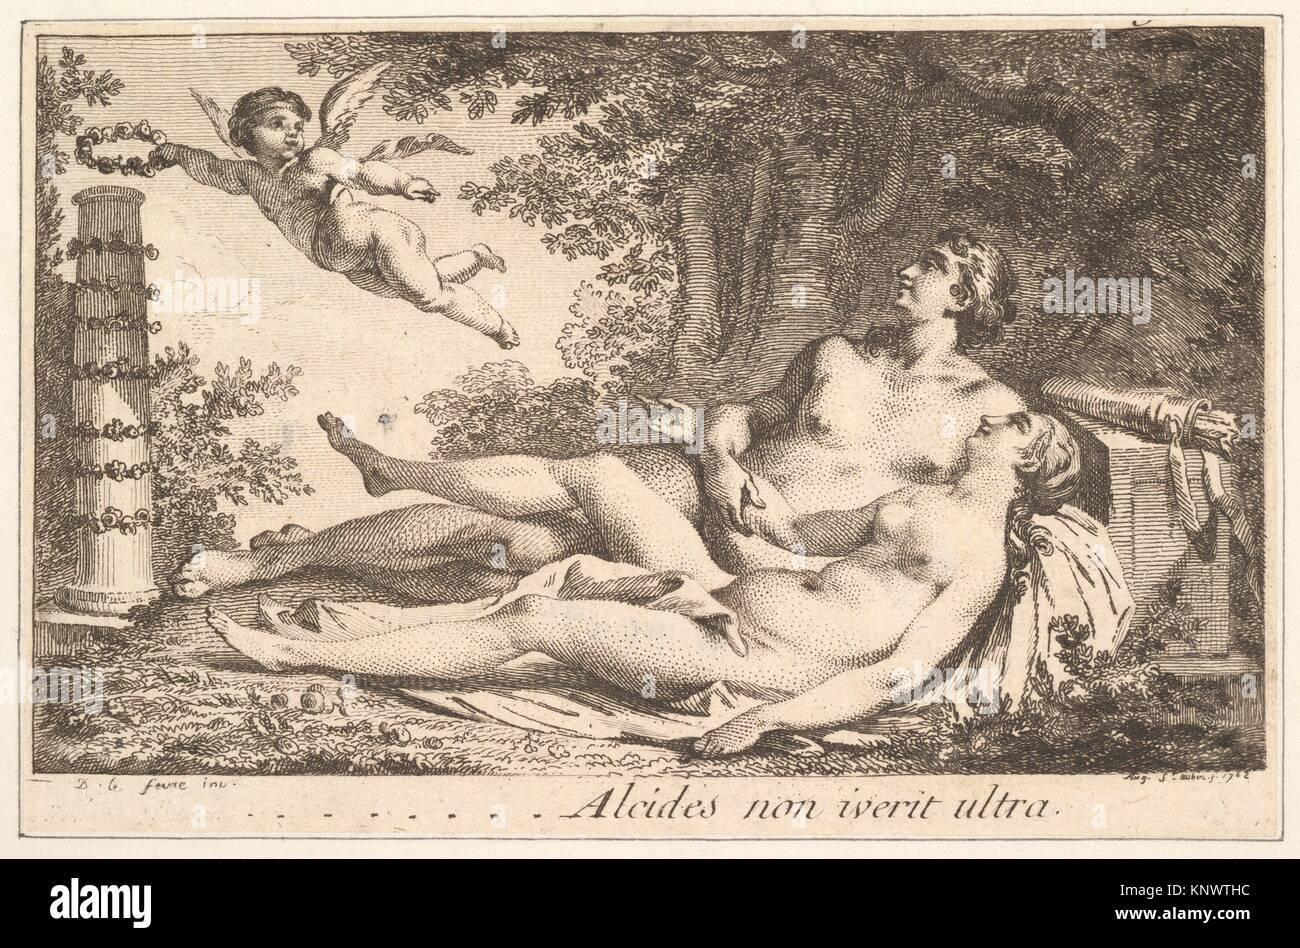 Vignette en regard du nom de Aug. de St. Aubin (Vignette next to the name of Augustin de Saint-Aubin), volume 2, - Stock Image